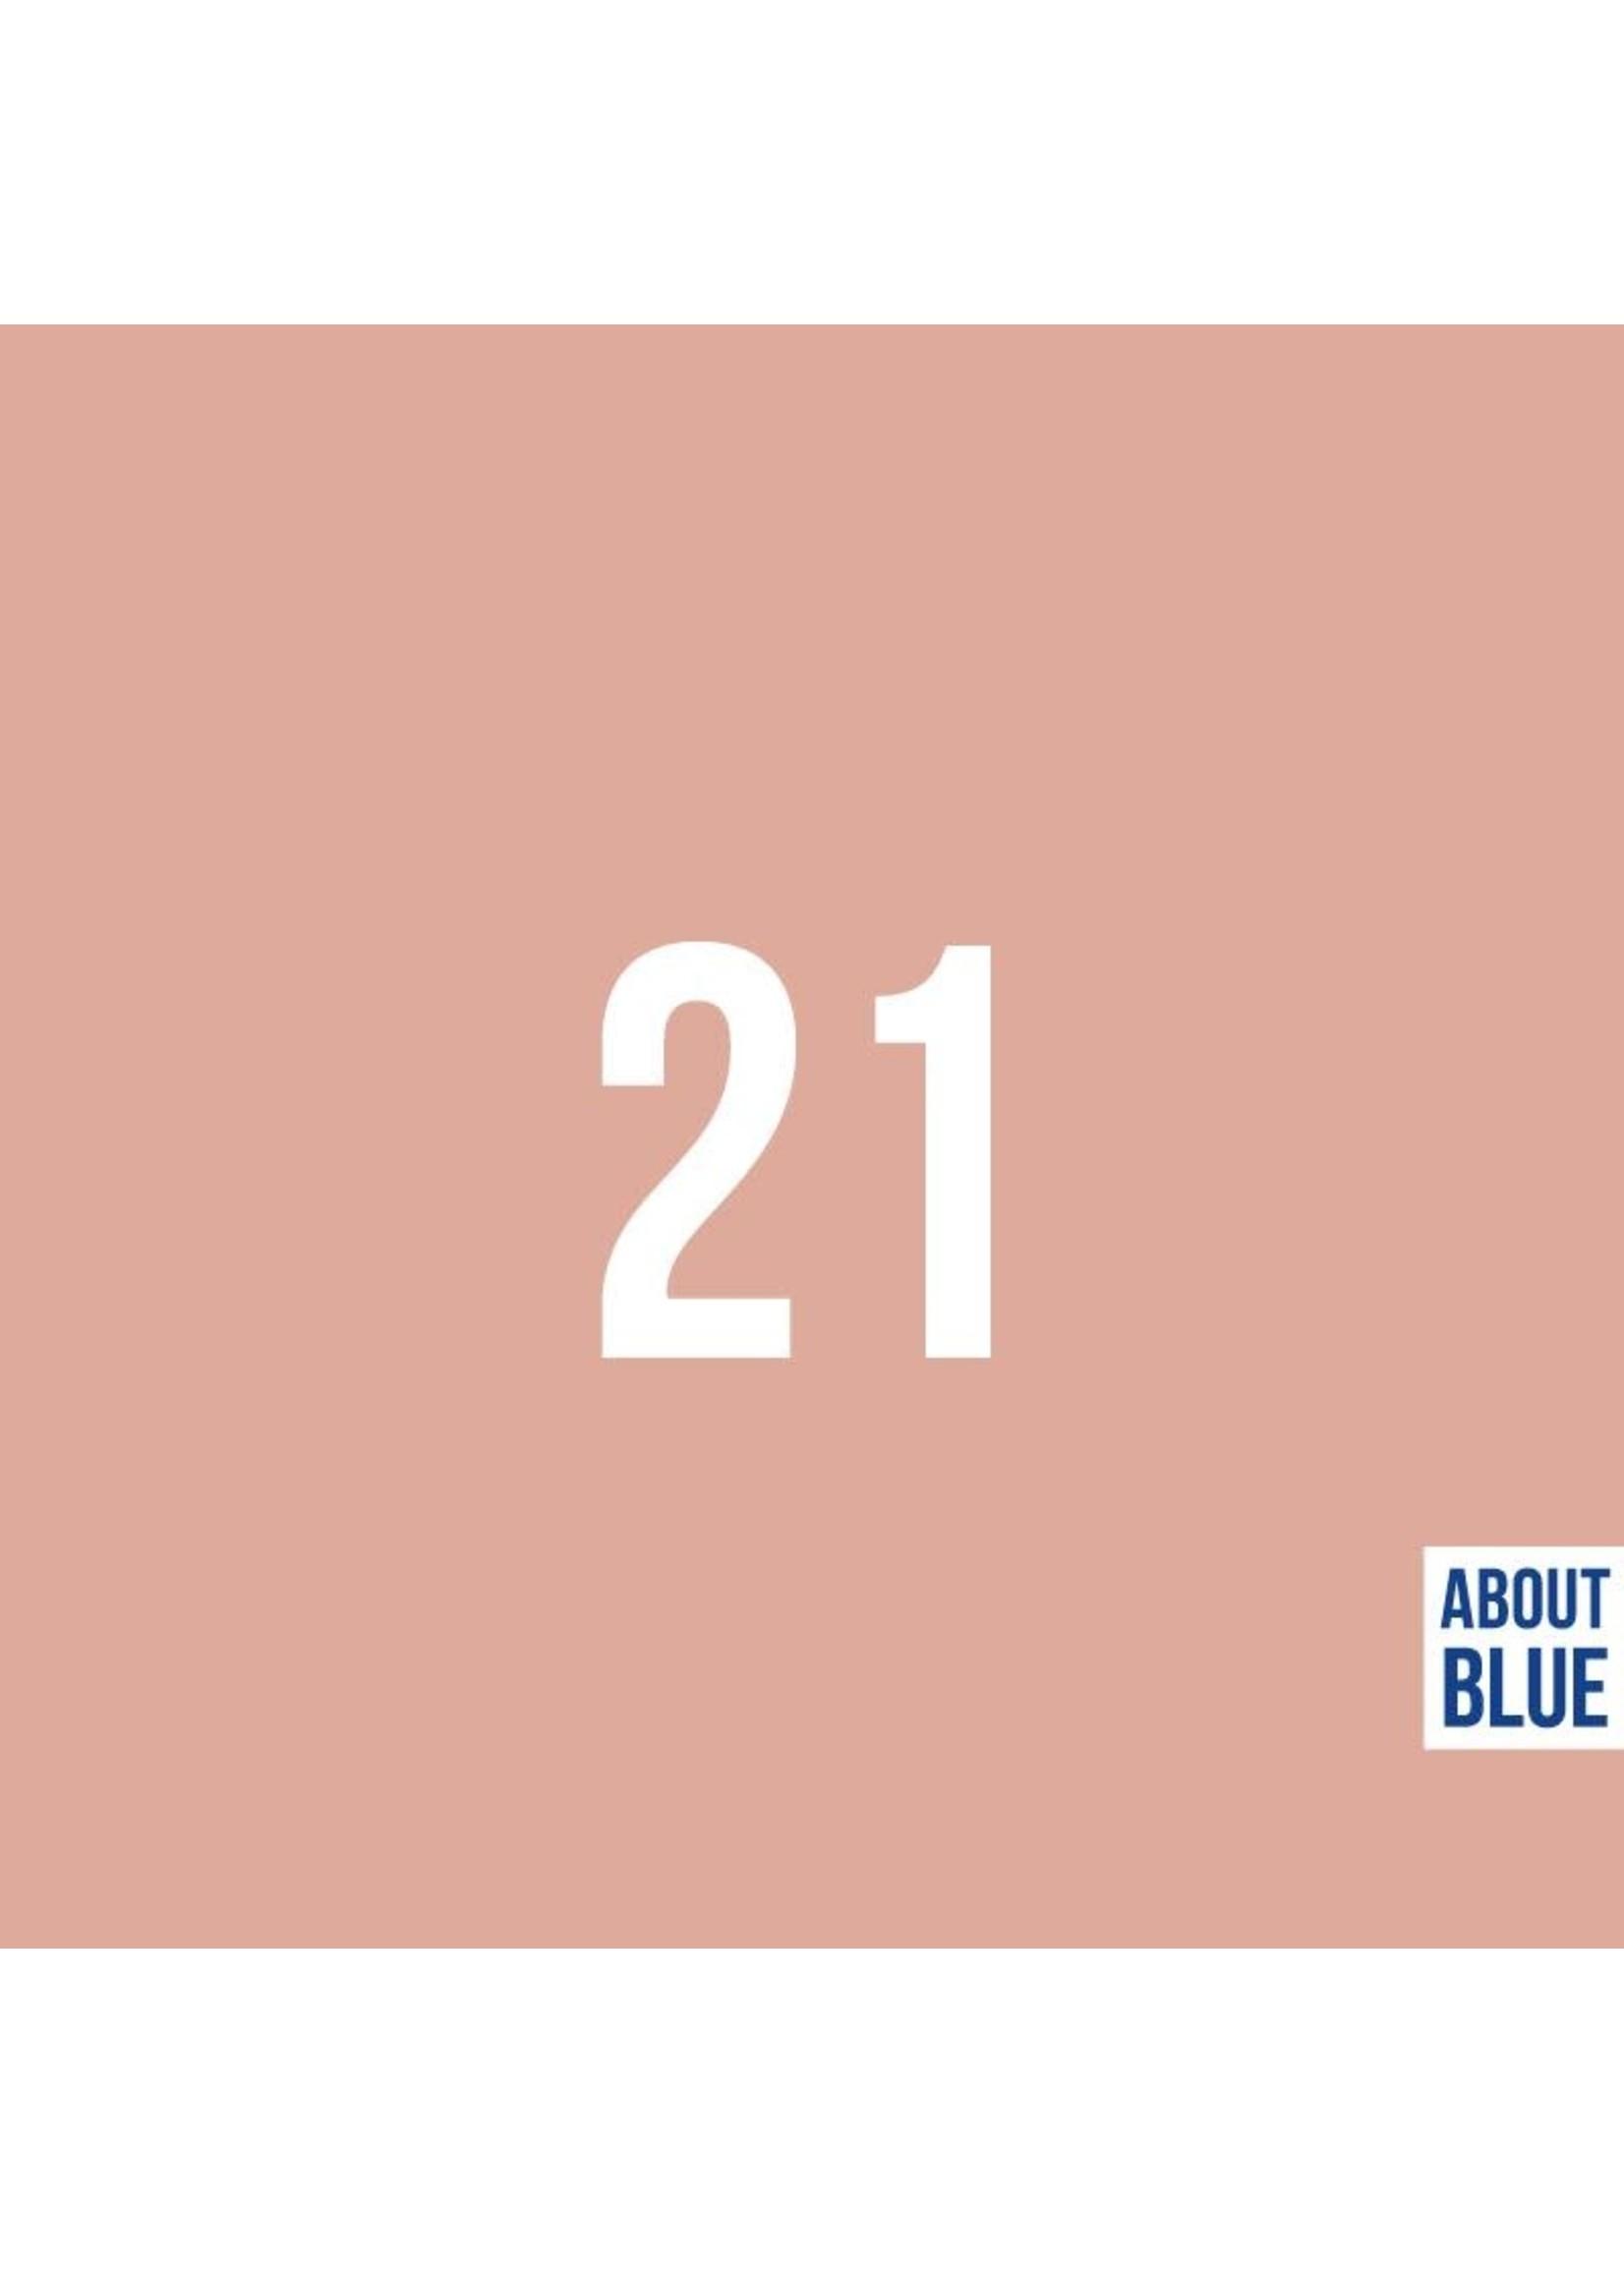 About Blue Fabrics Uni 21 dusty pink Ribbing